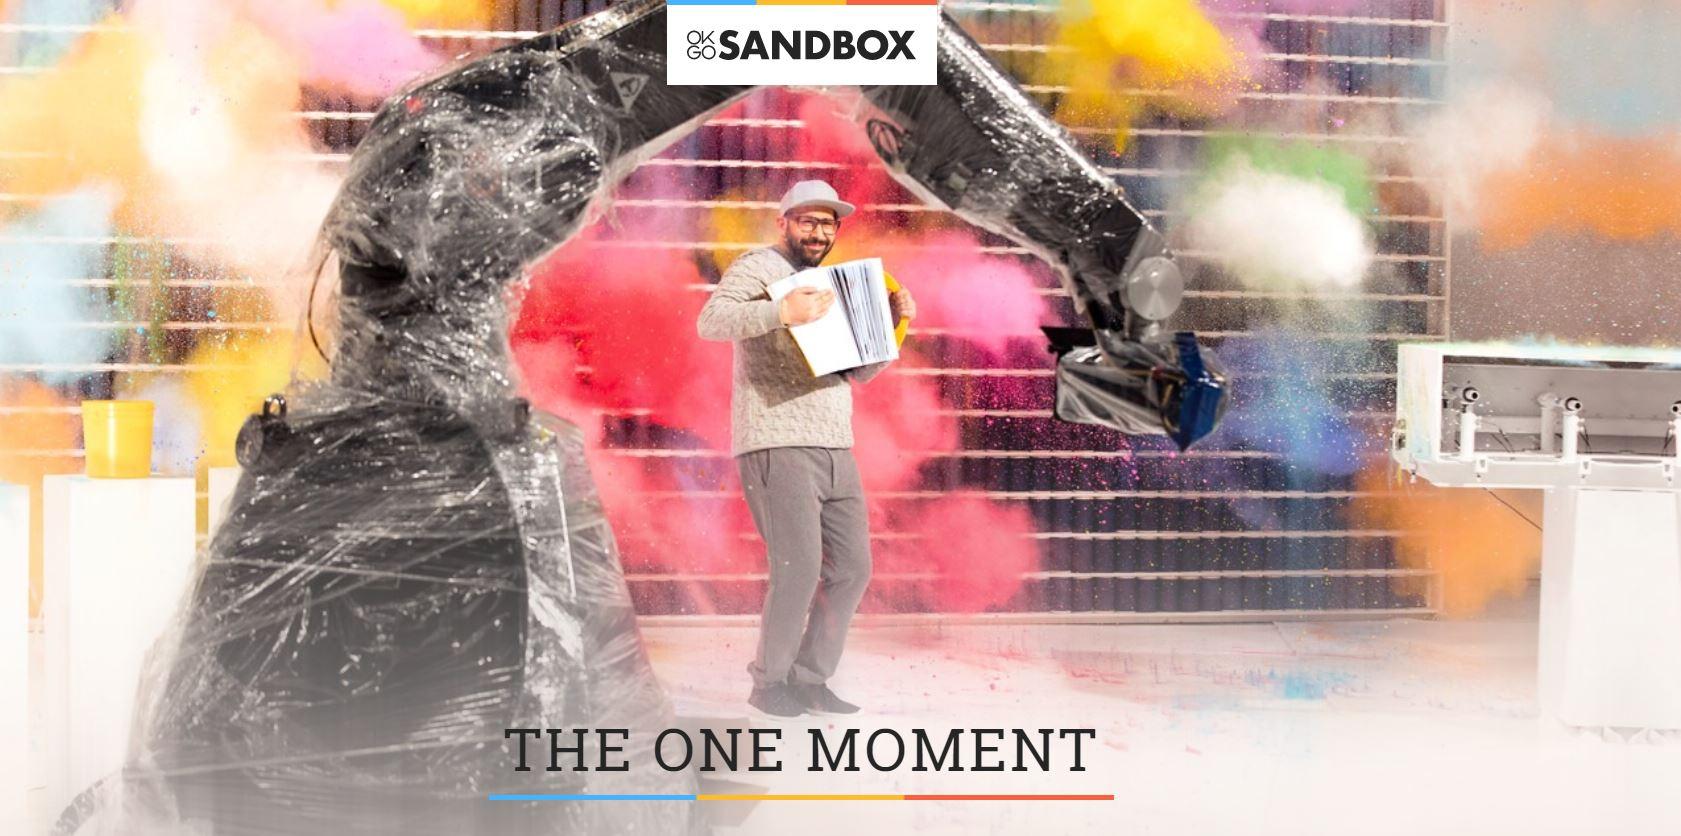 ok go sandbox